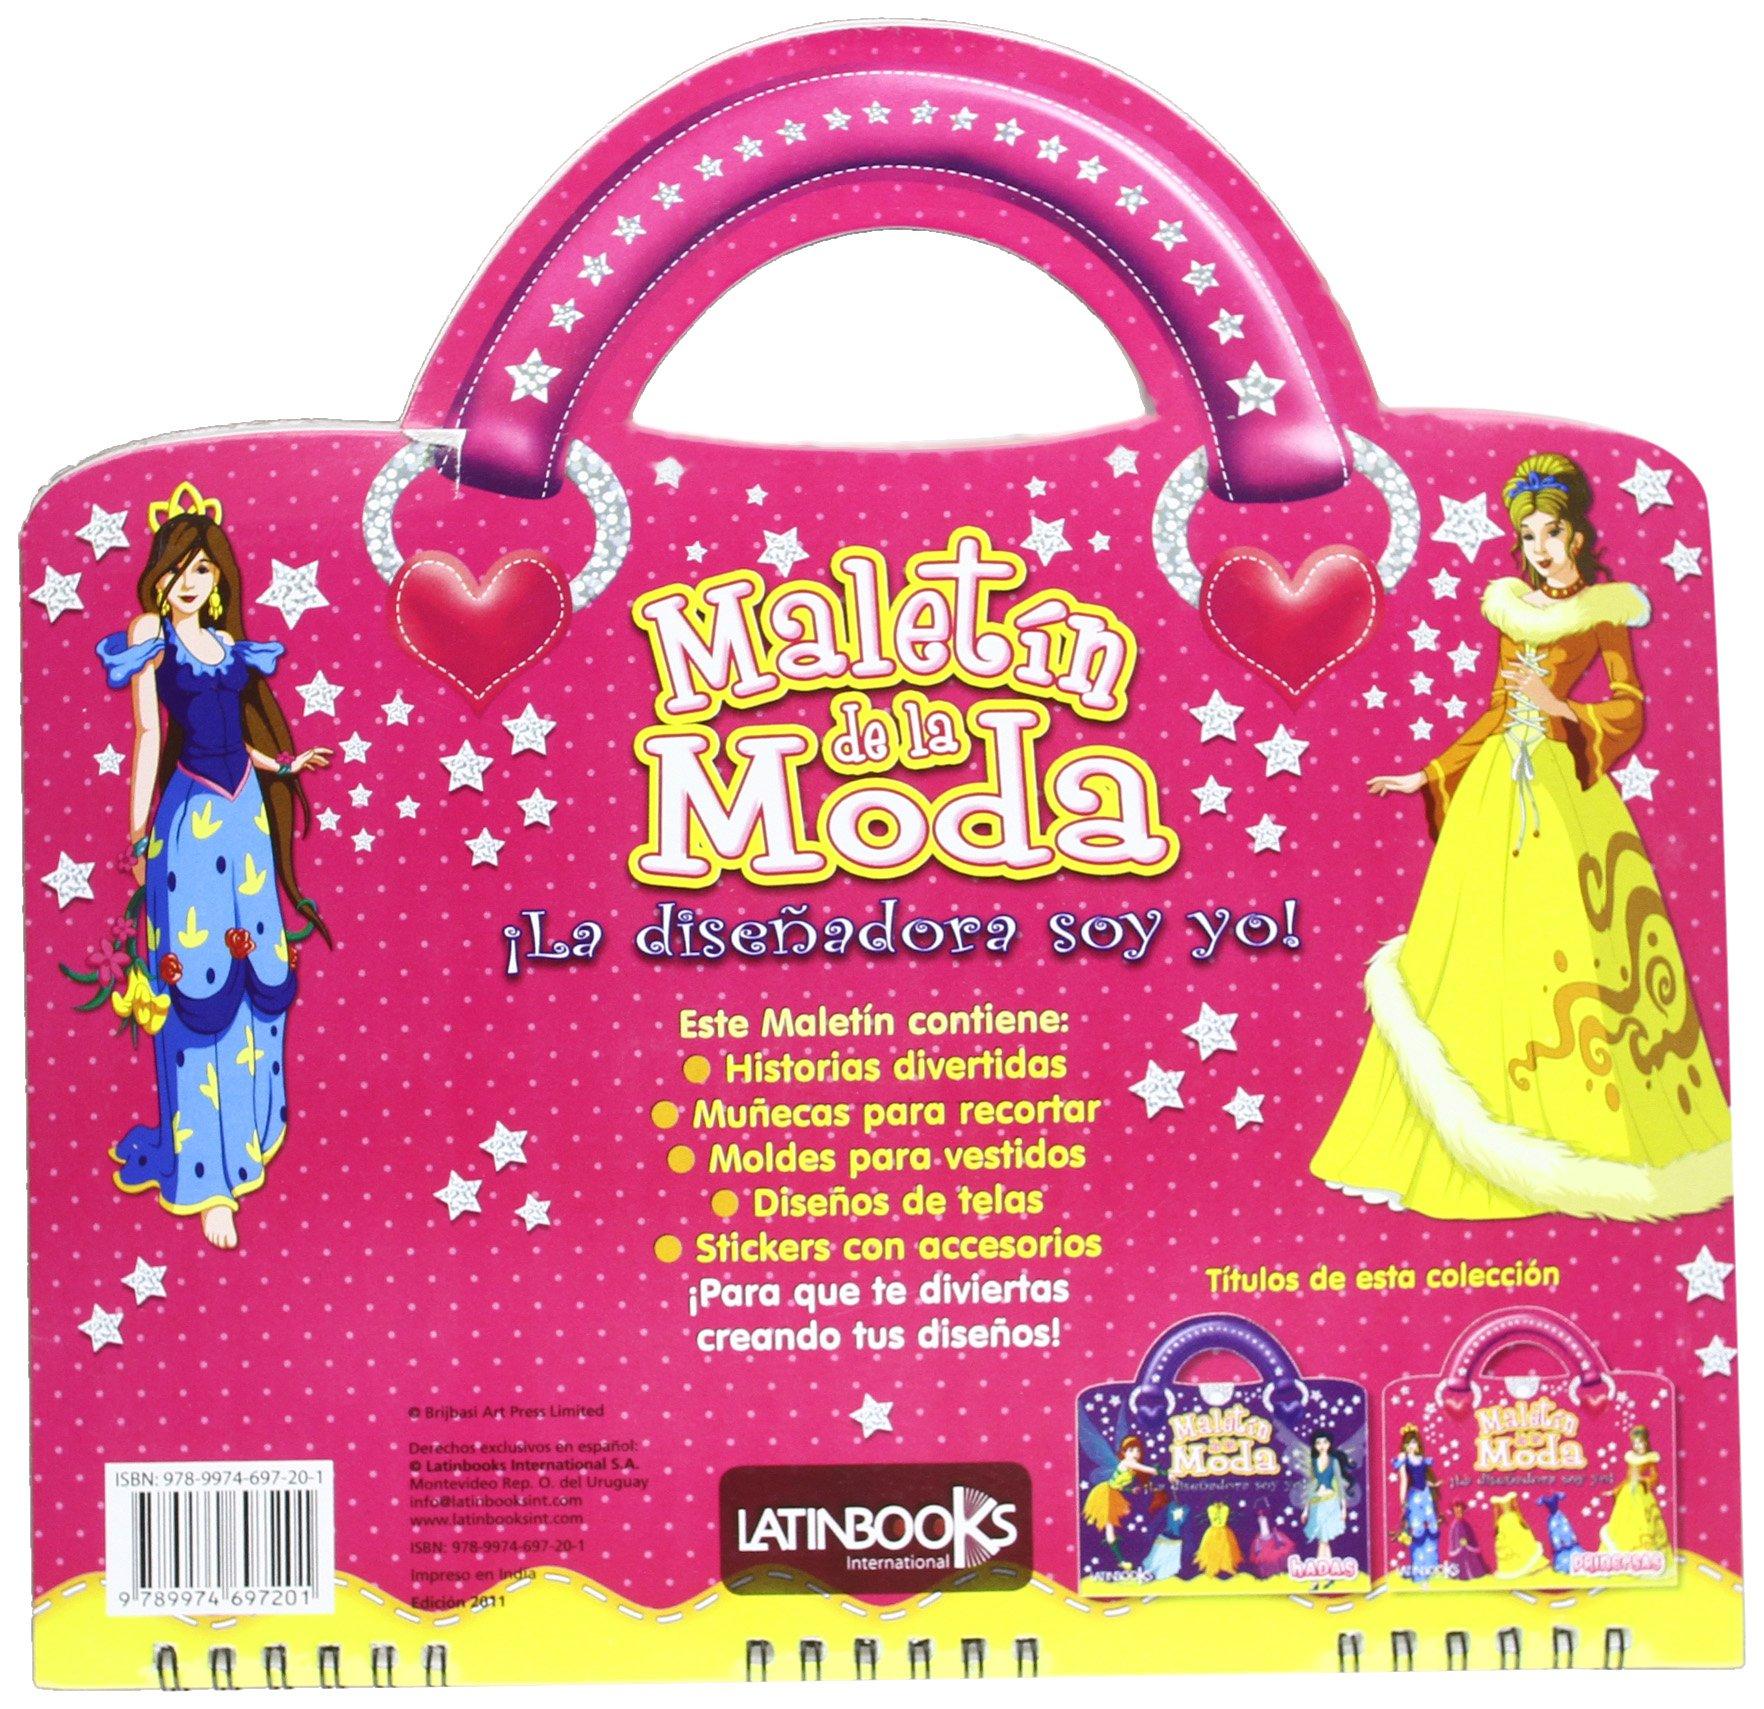 MALETIN DE LA MODA - LA DISE?DORA SOY YO! PRINCESAS (Spanish Edition) (Spanish) Paperback – 2011